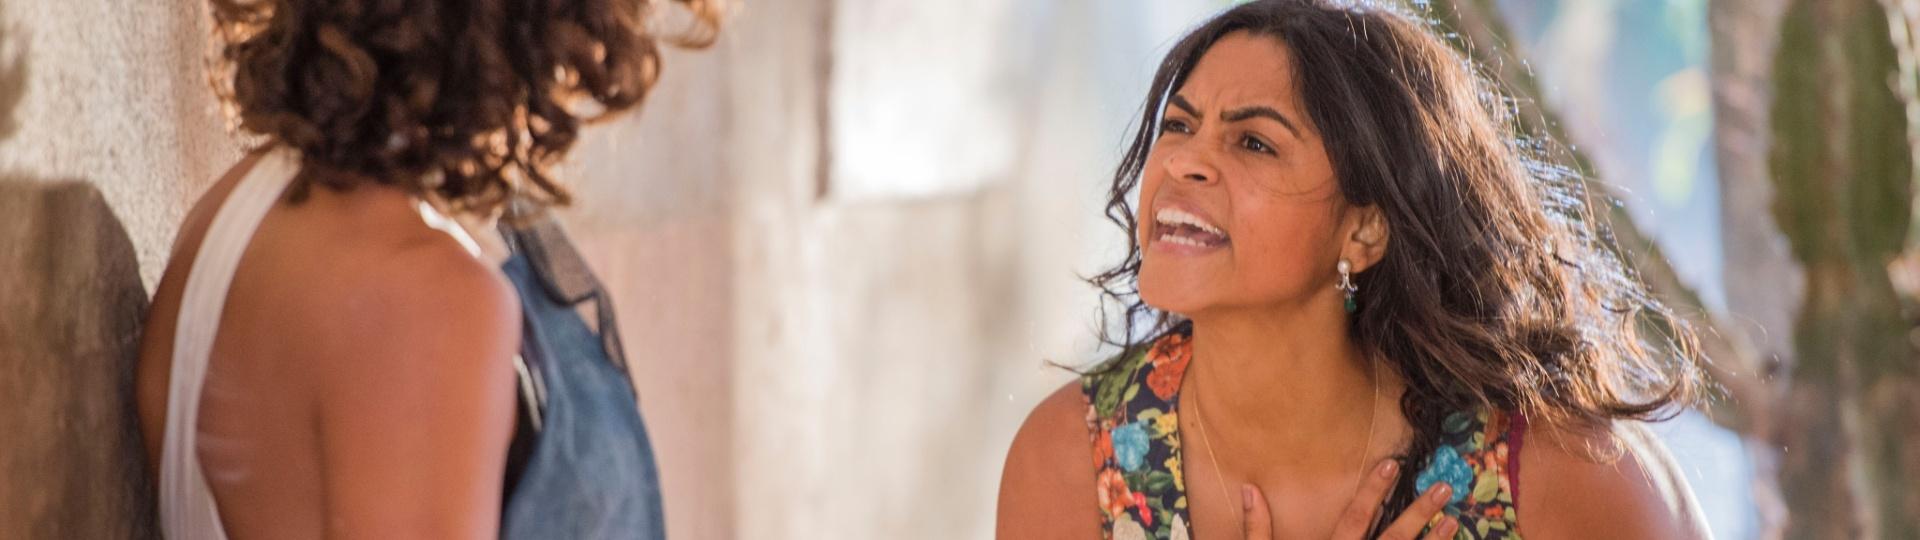 Luzia (Lucy Alves) discute com Tereza (Camila Pitanga) por Santo (Domingos Montagner)